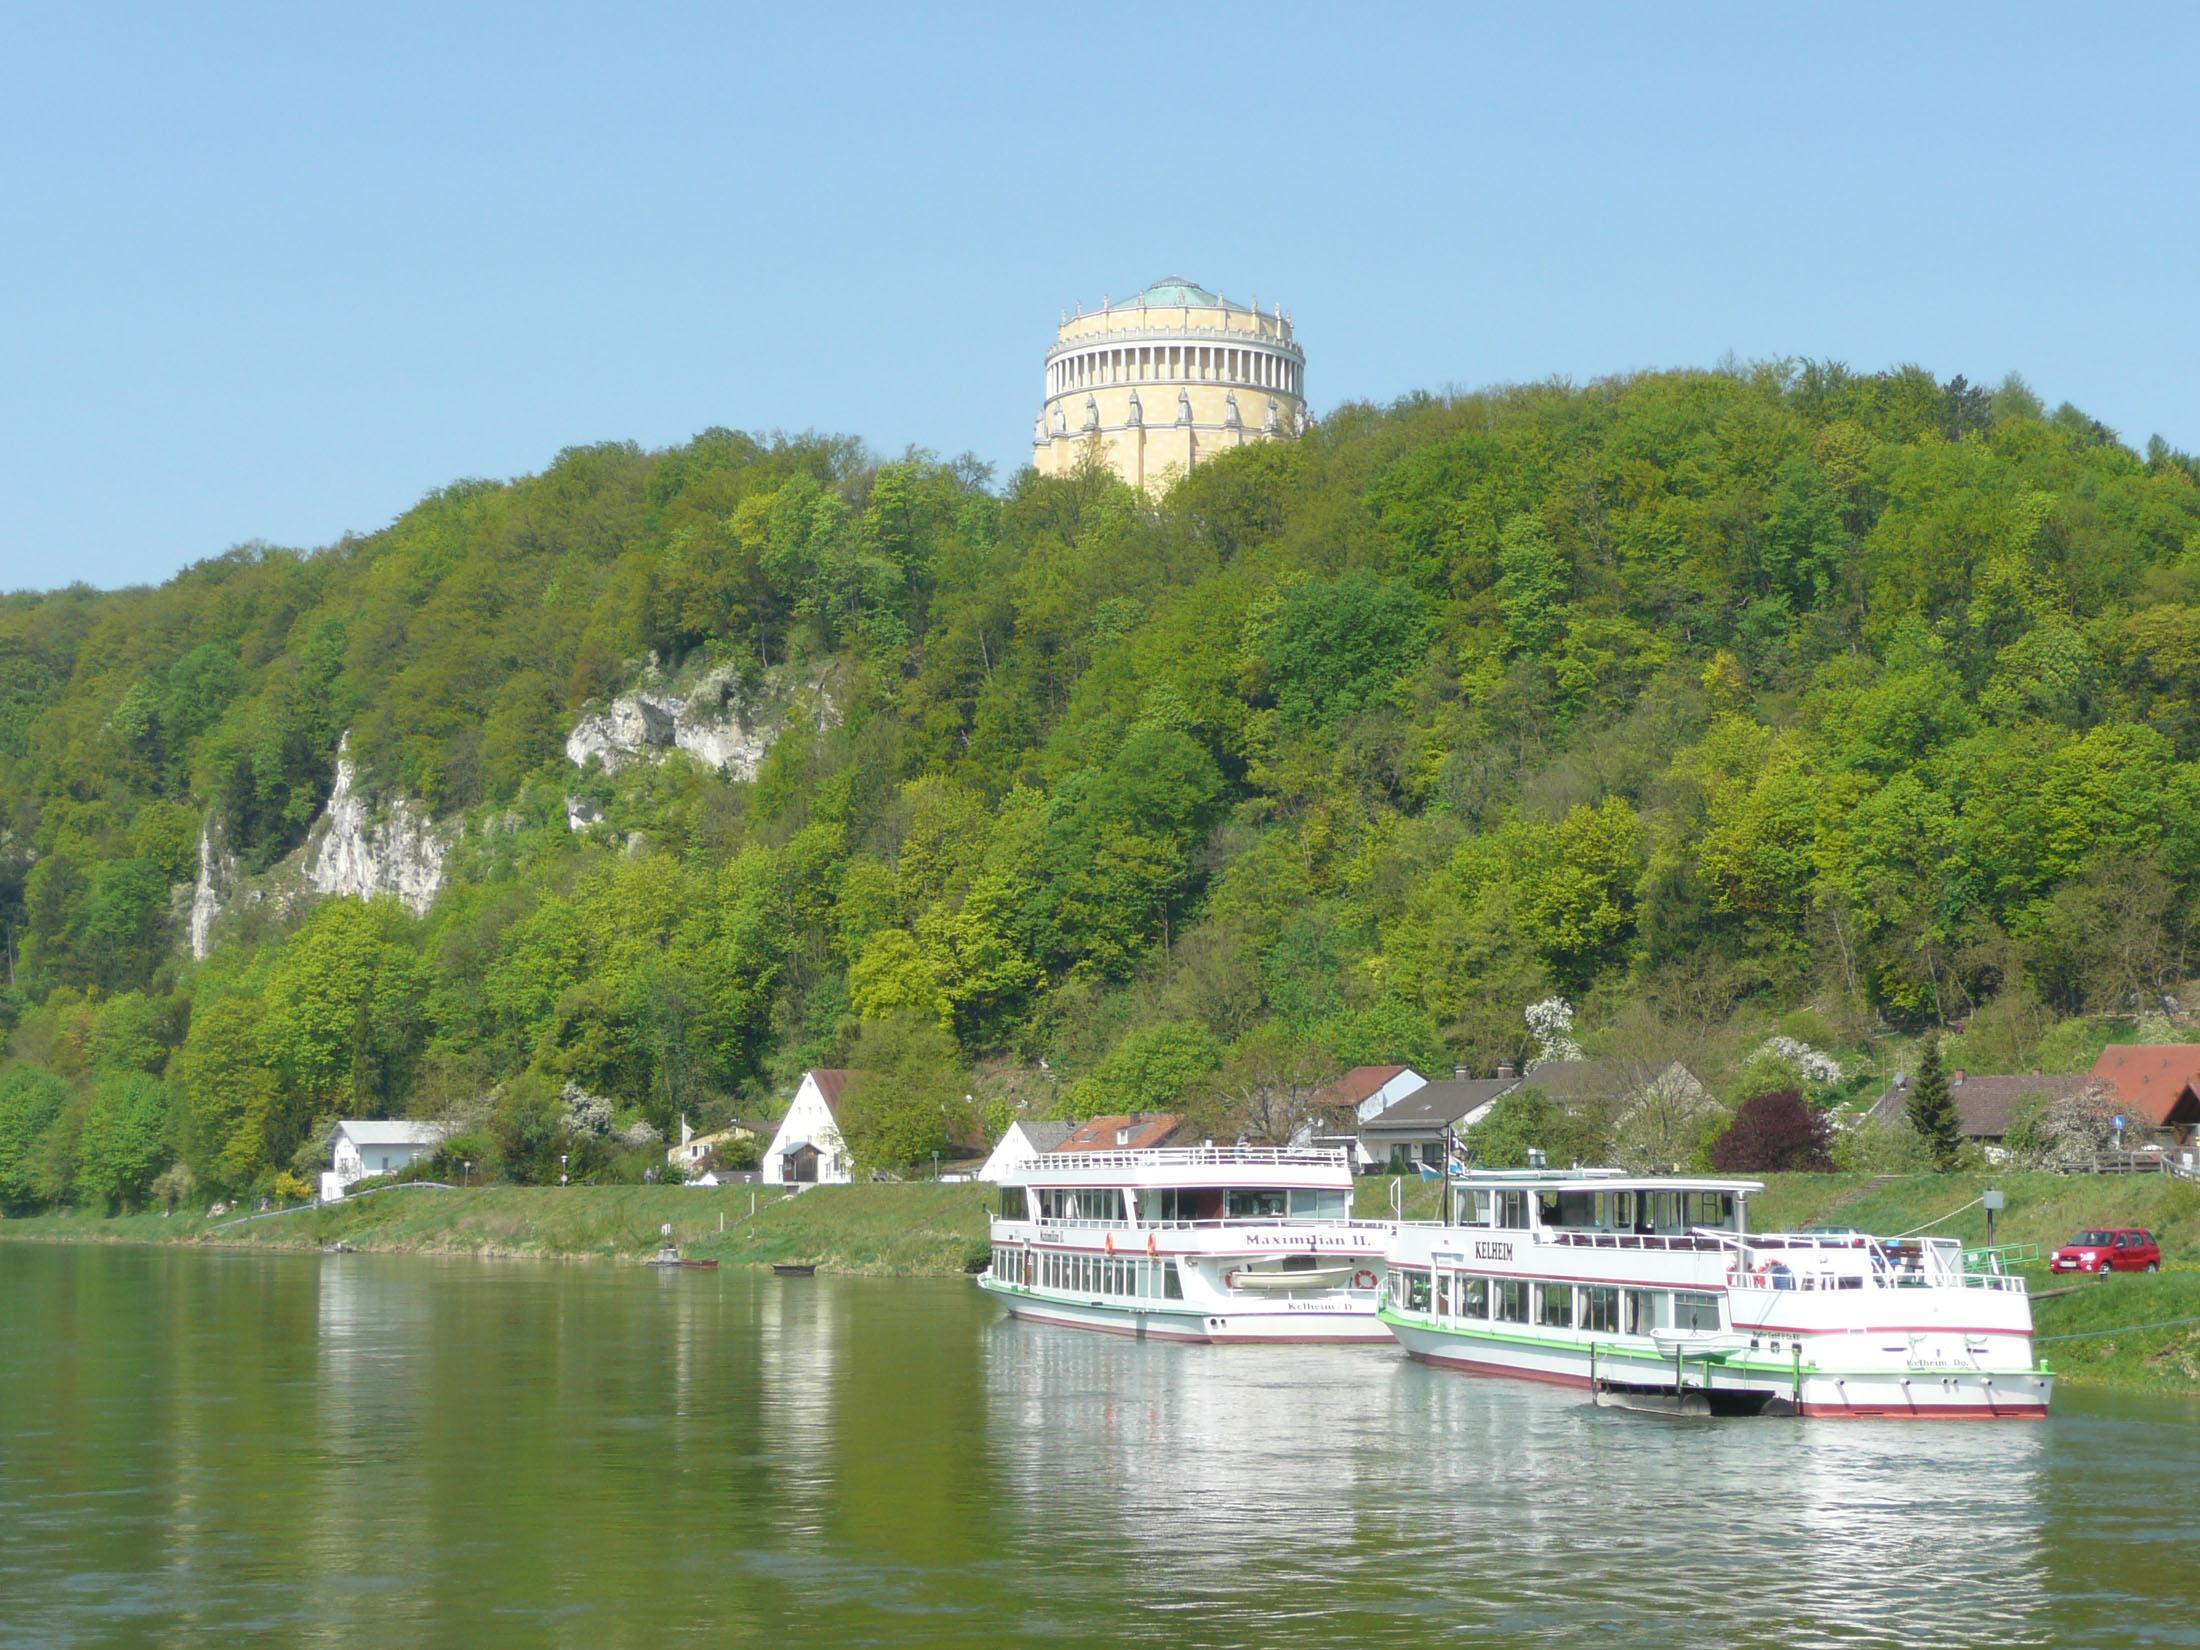 Boat trip with view to the Liberation Hall - Schifffahrt mit Blick auf die Befreiungshalle Kelheim